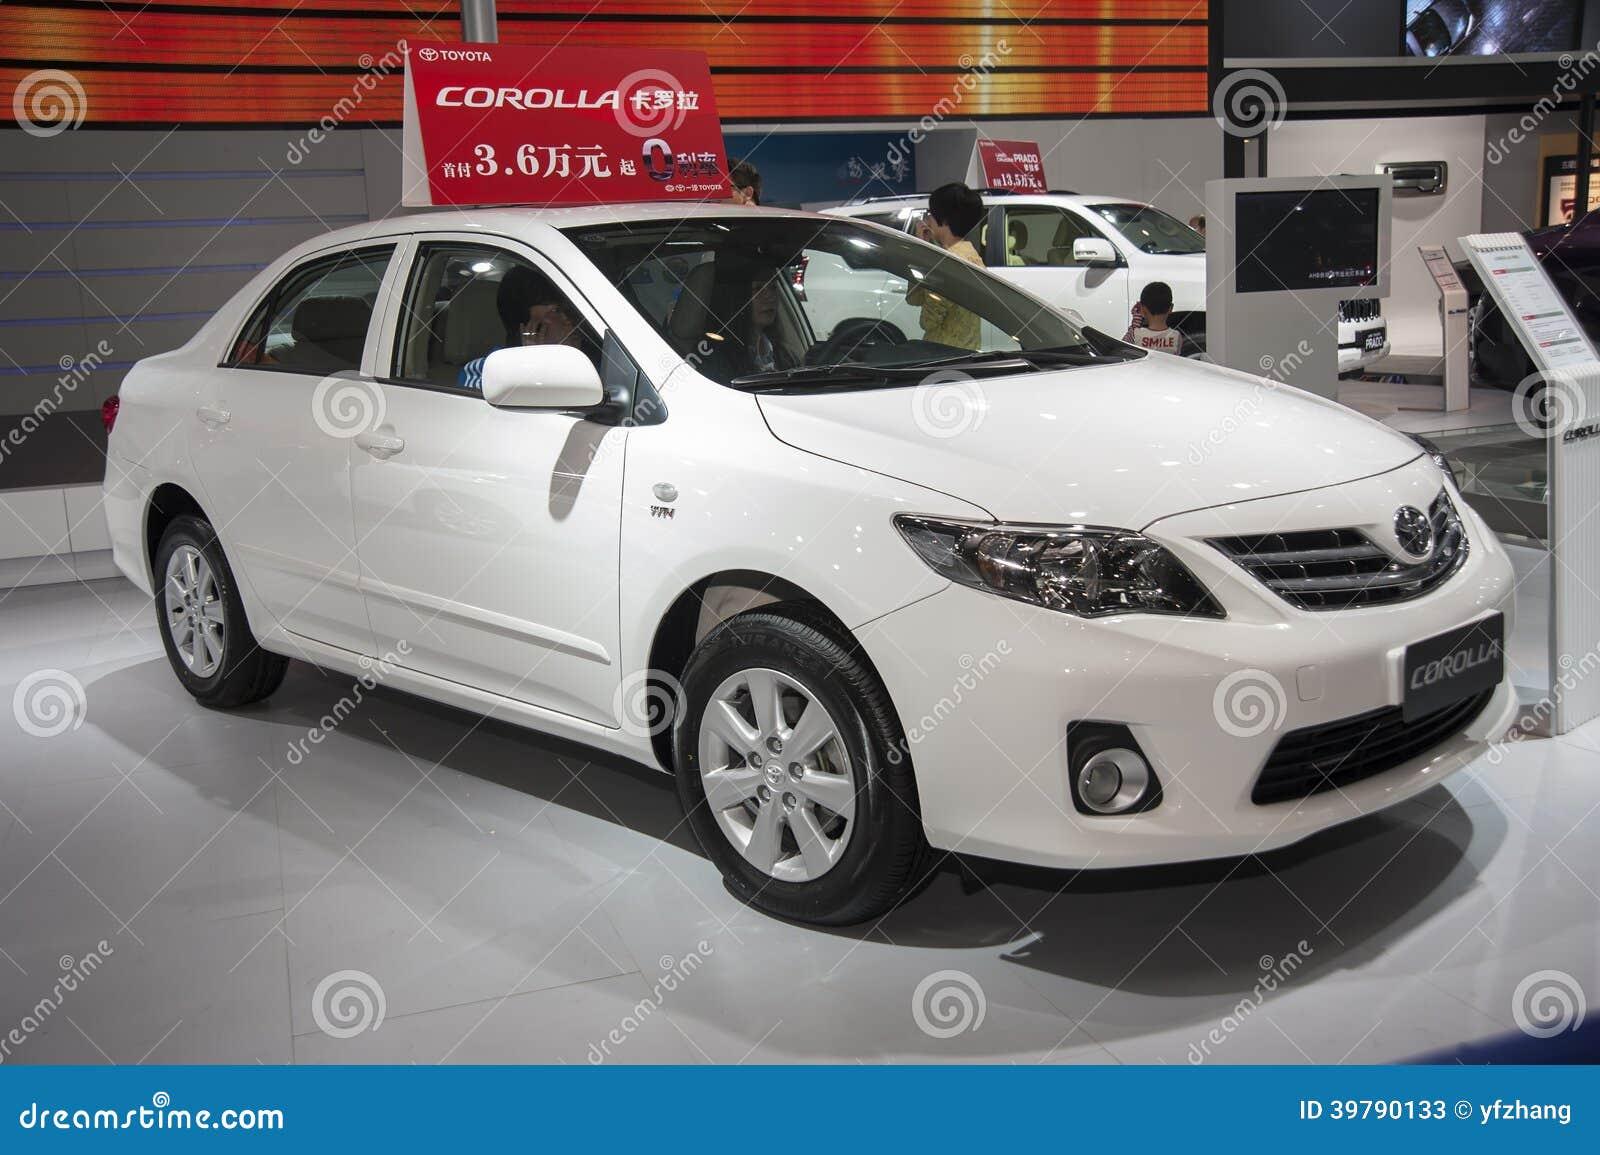 Άσπρο αυτοκίνητο corolla της TOYOTA